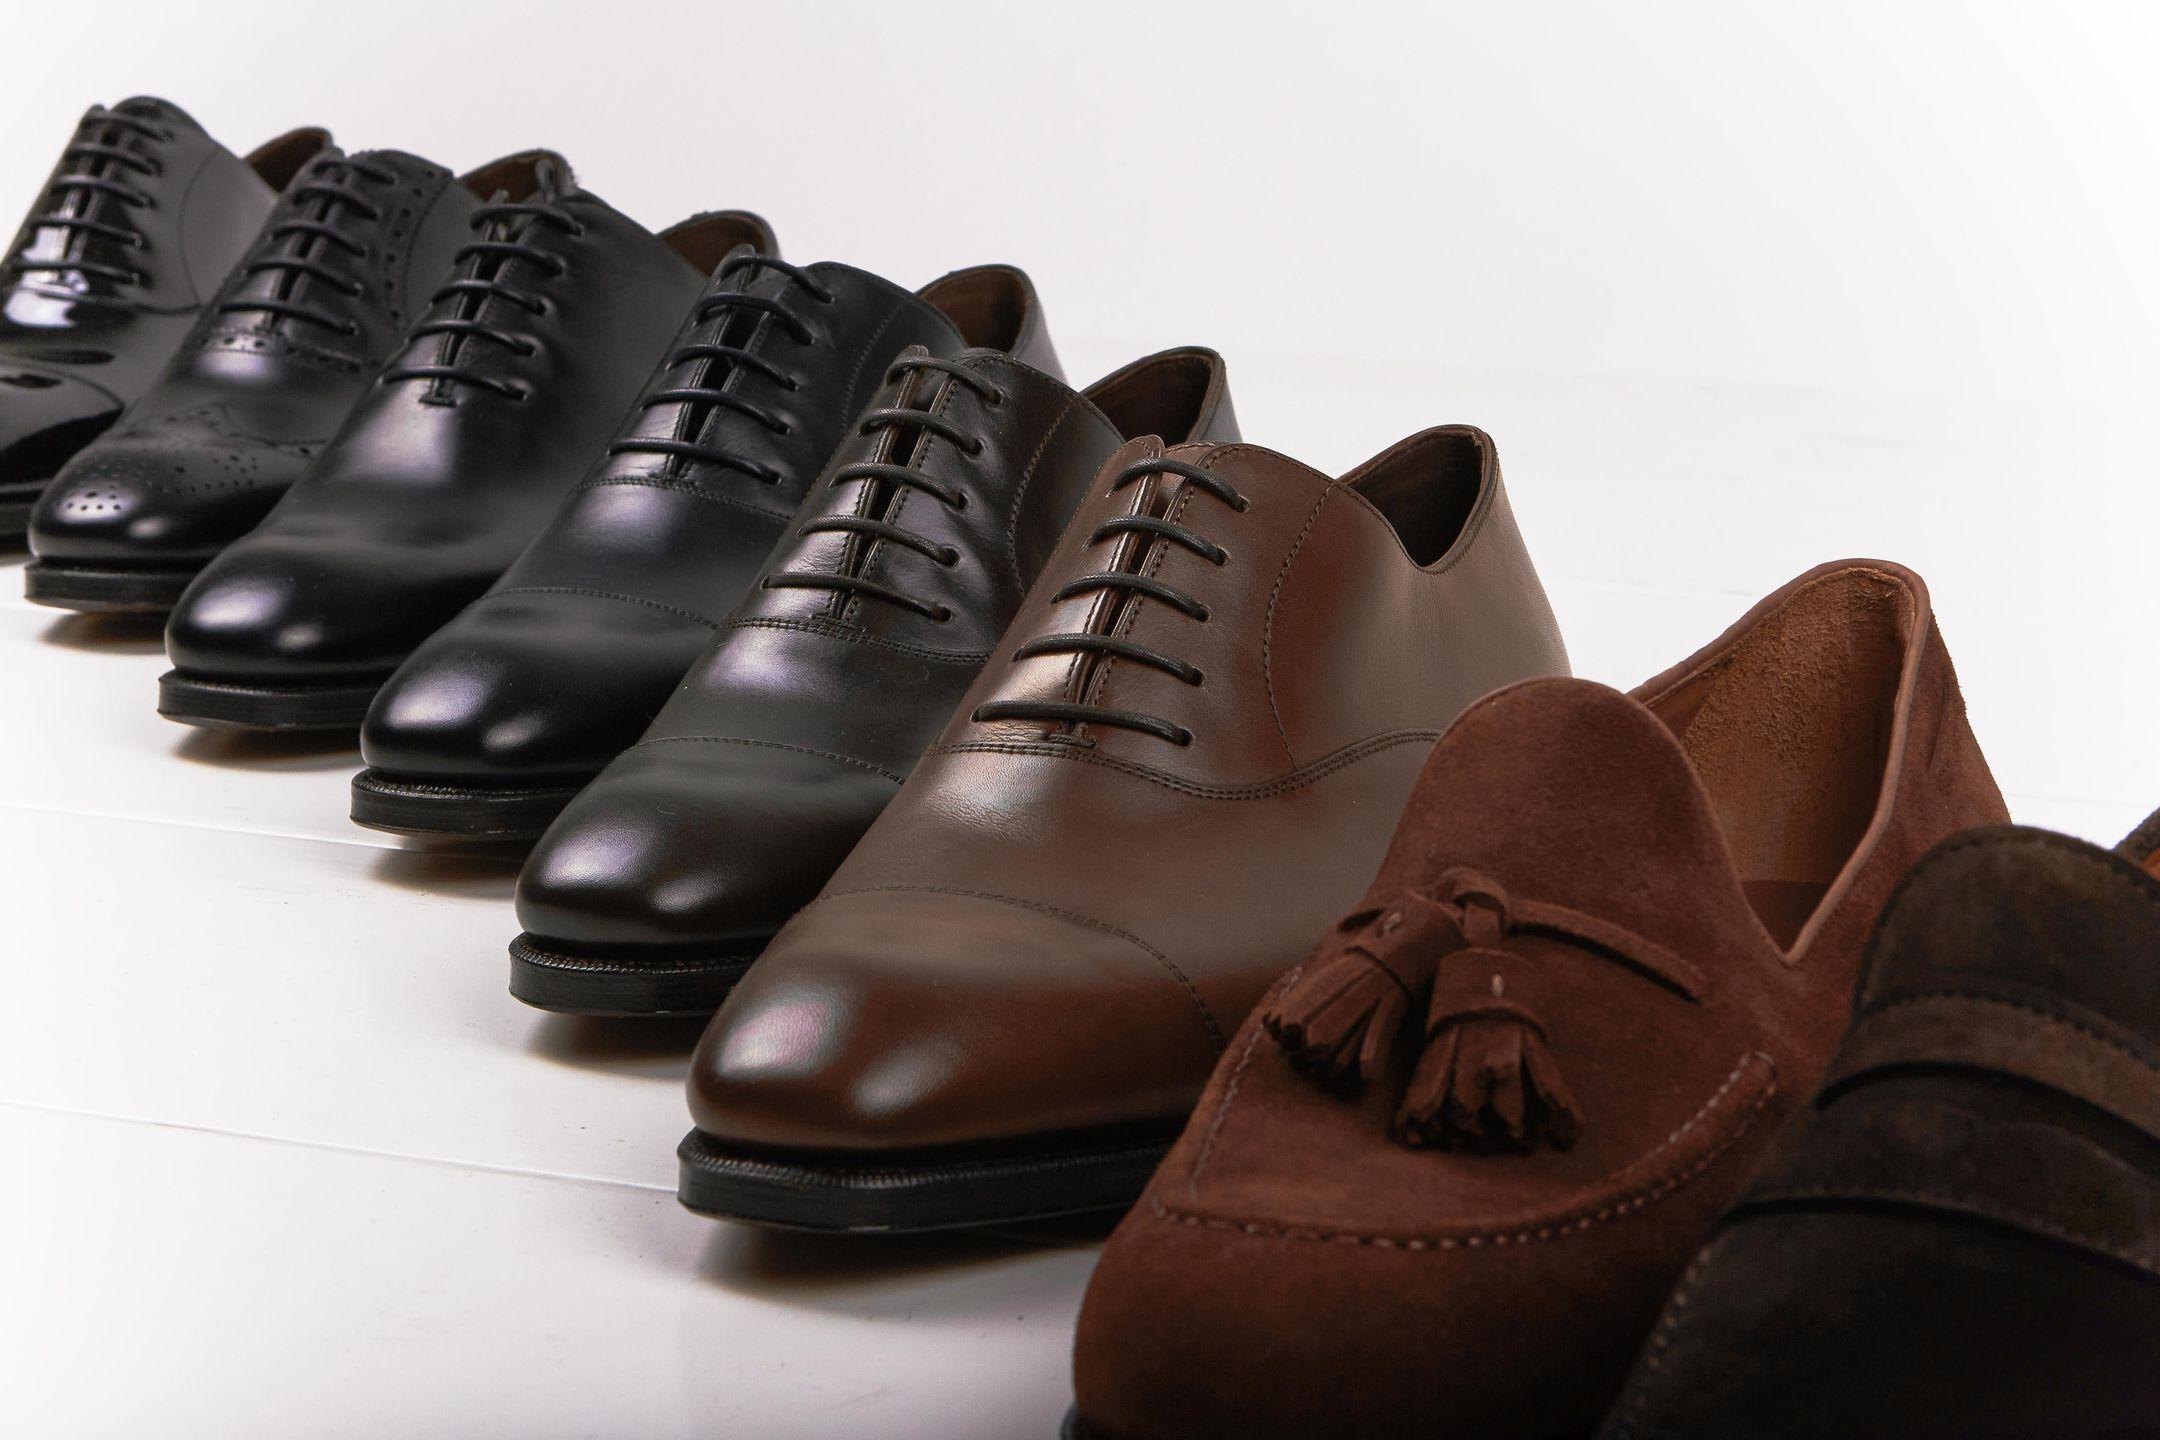 Carmina shoes on a line